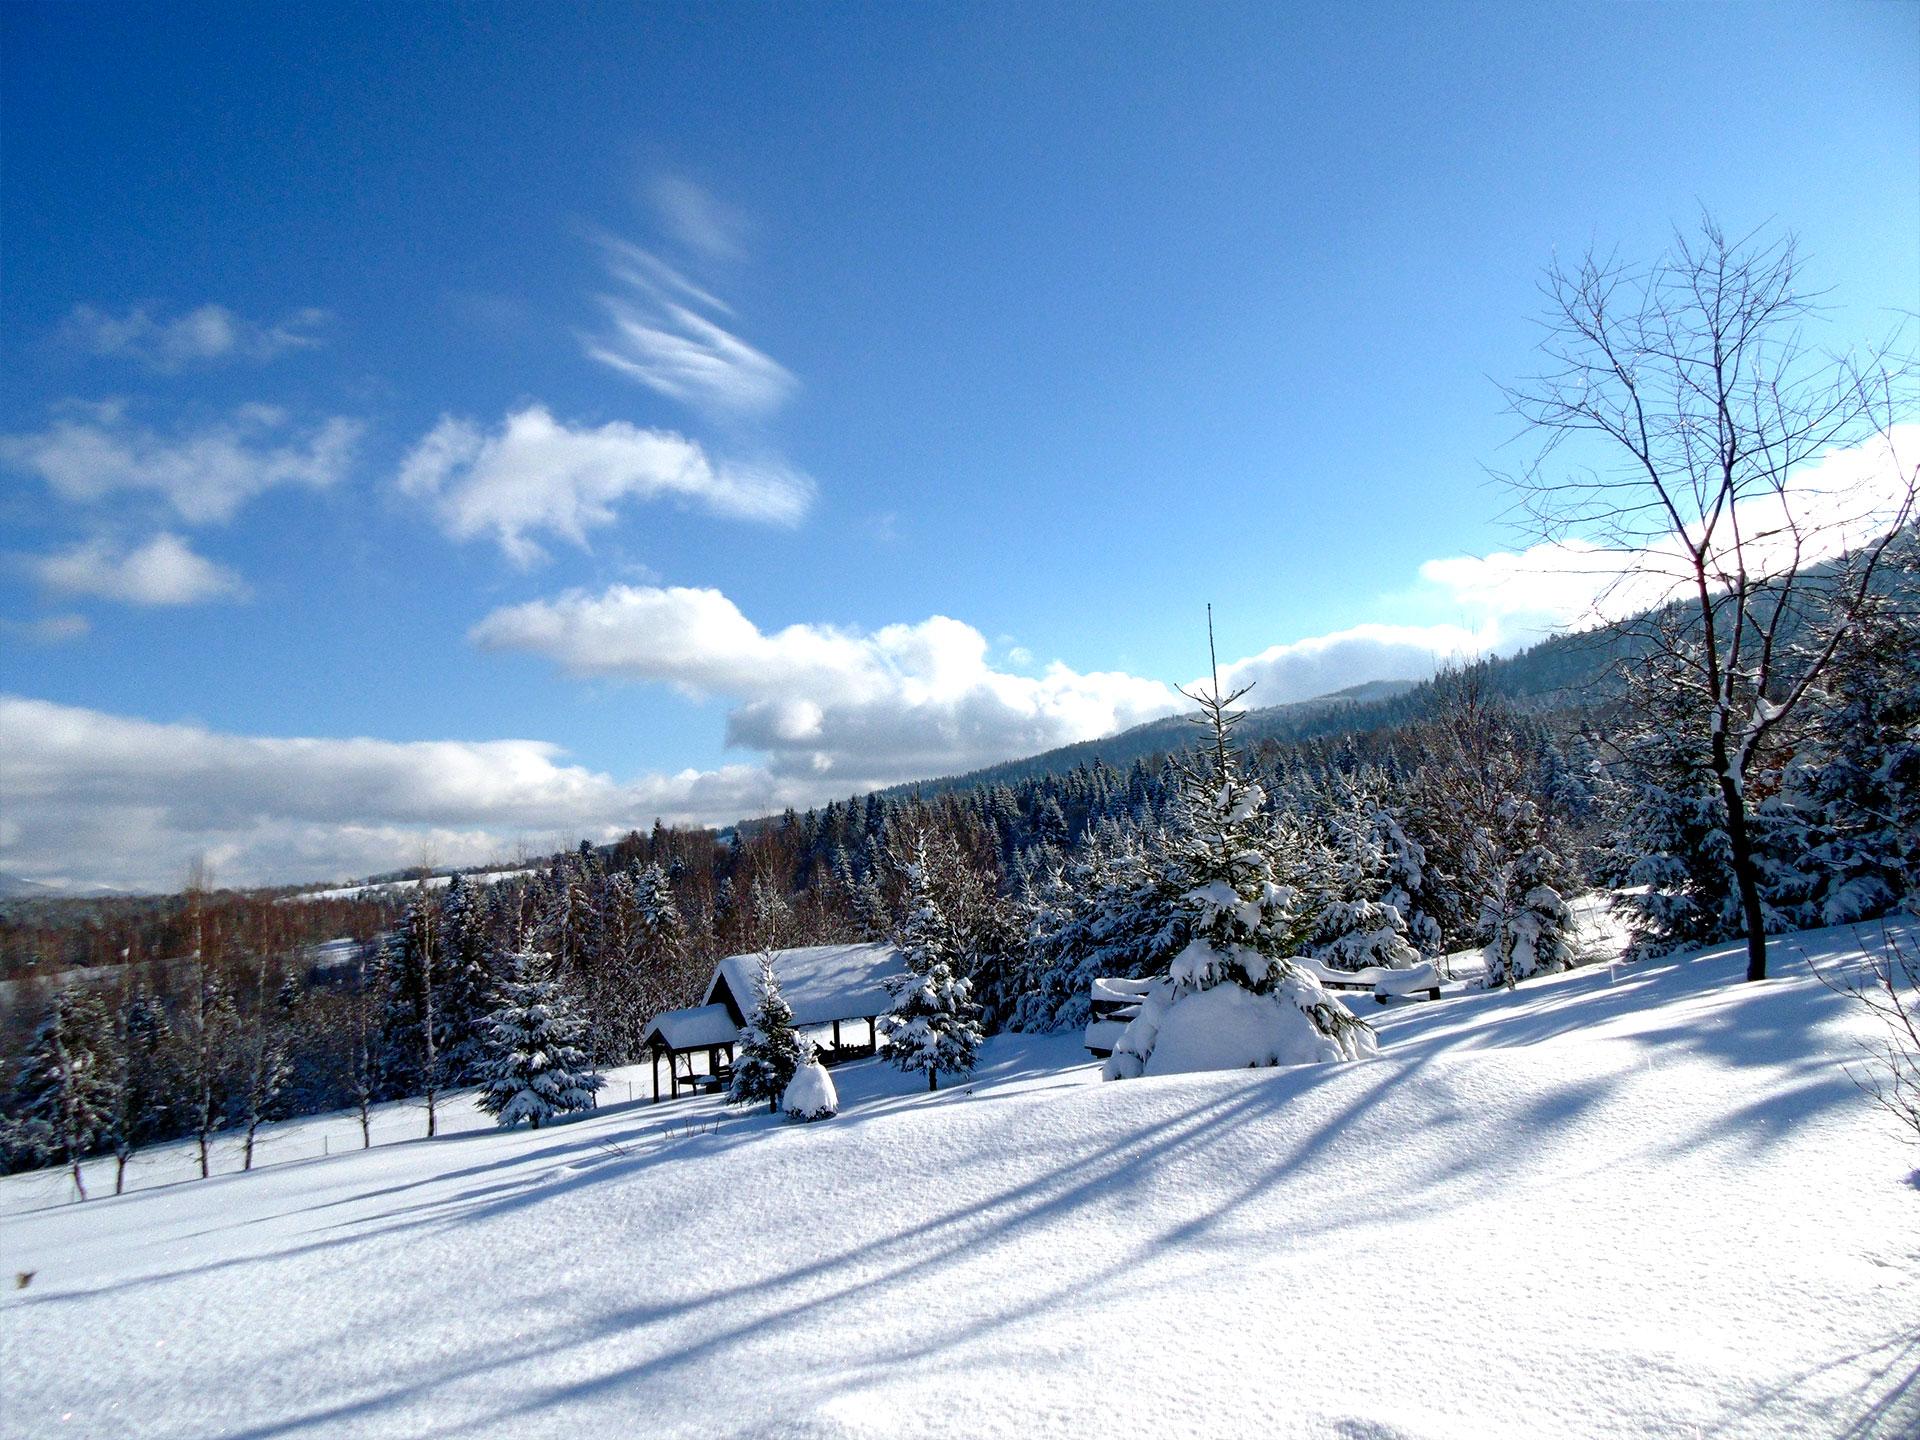 zimowe widoki w okolicy